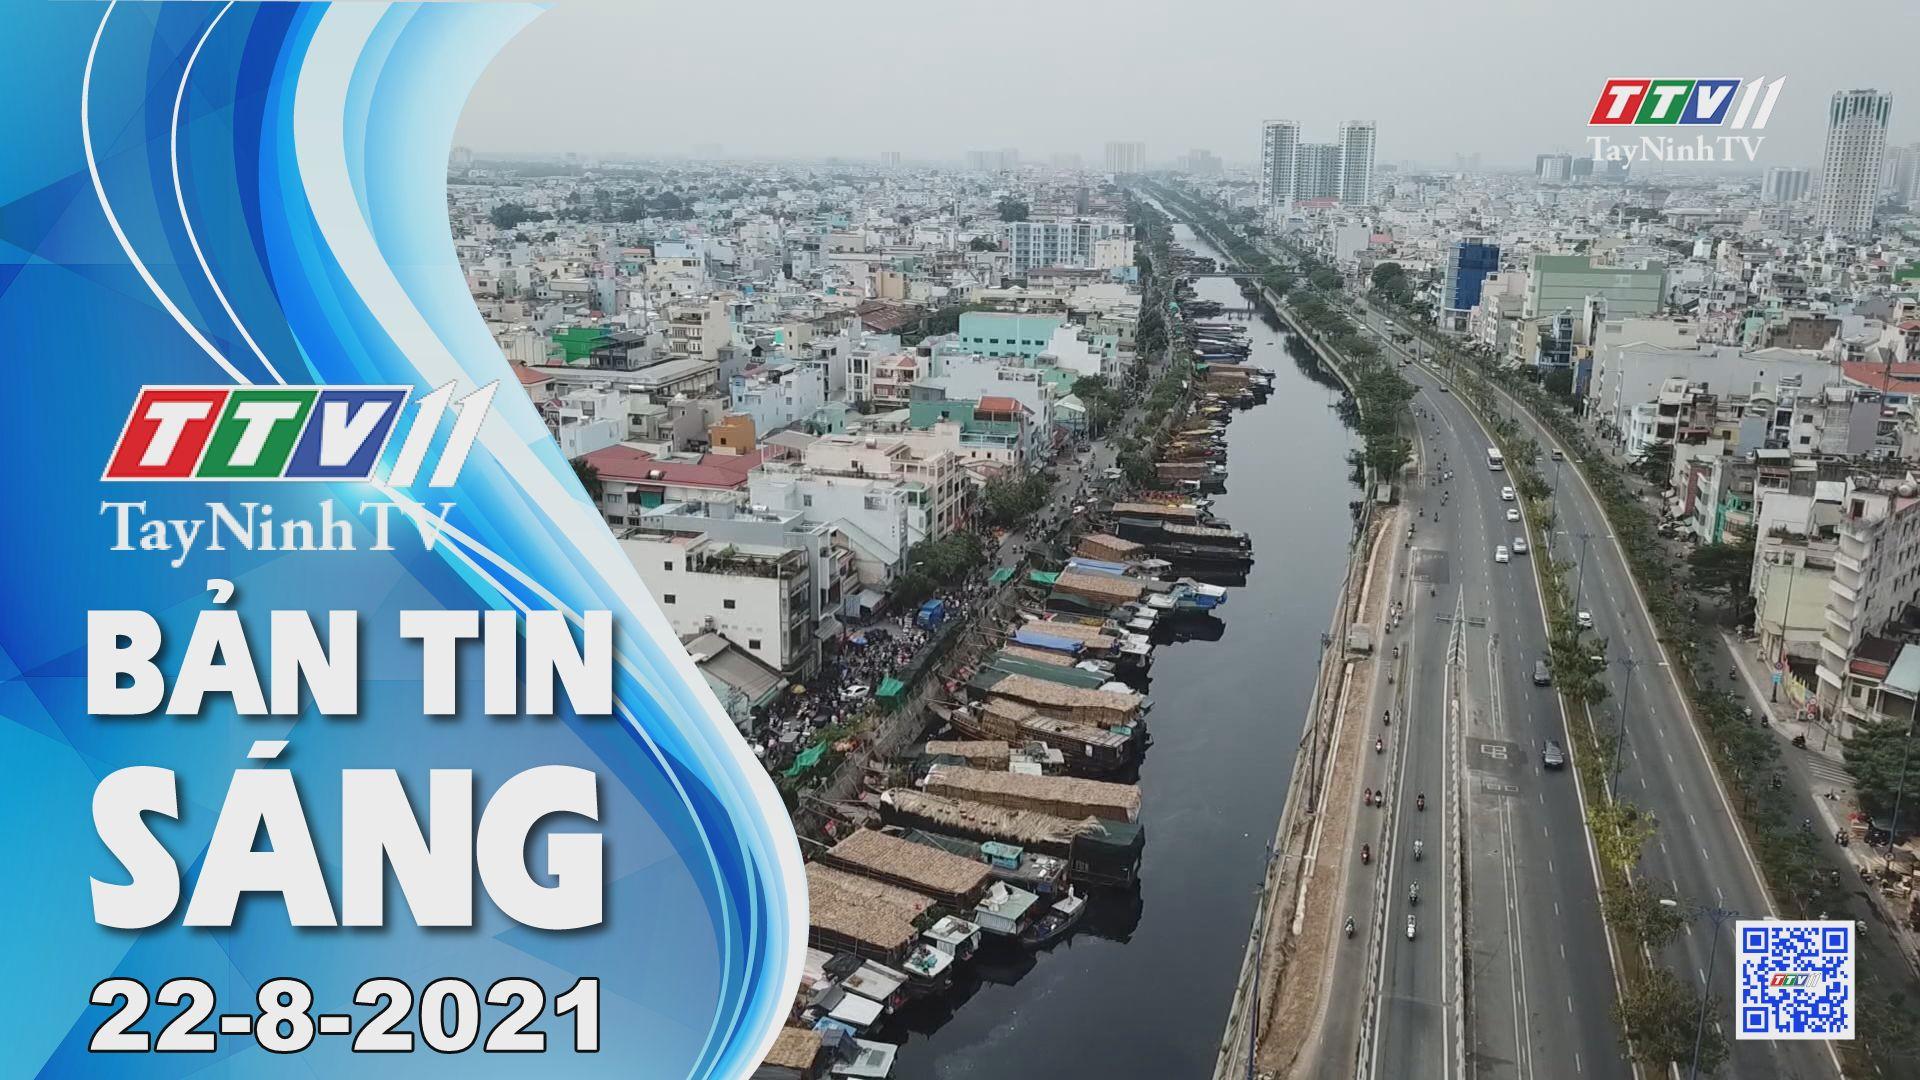 Bản tin sáng 22-8-2021   Tin tức hôm nay   TayNinhTV